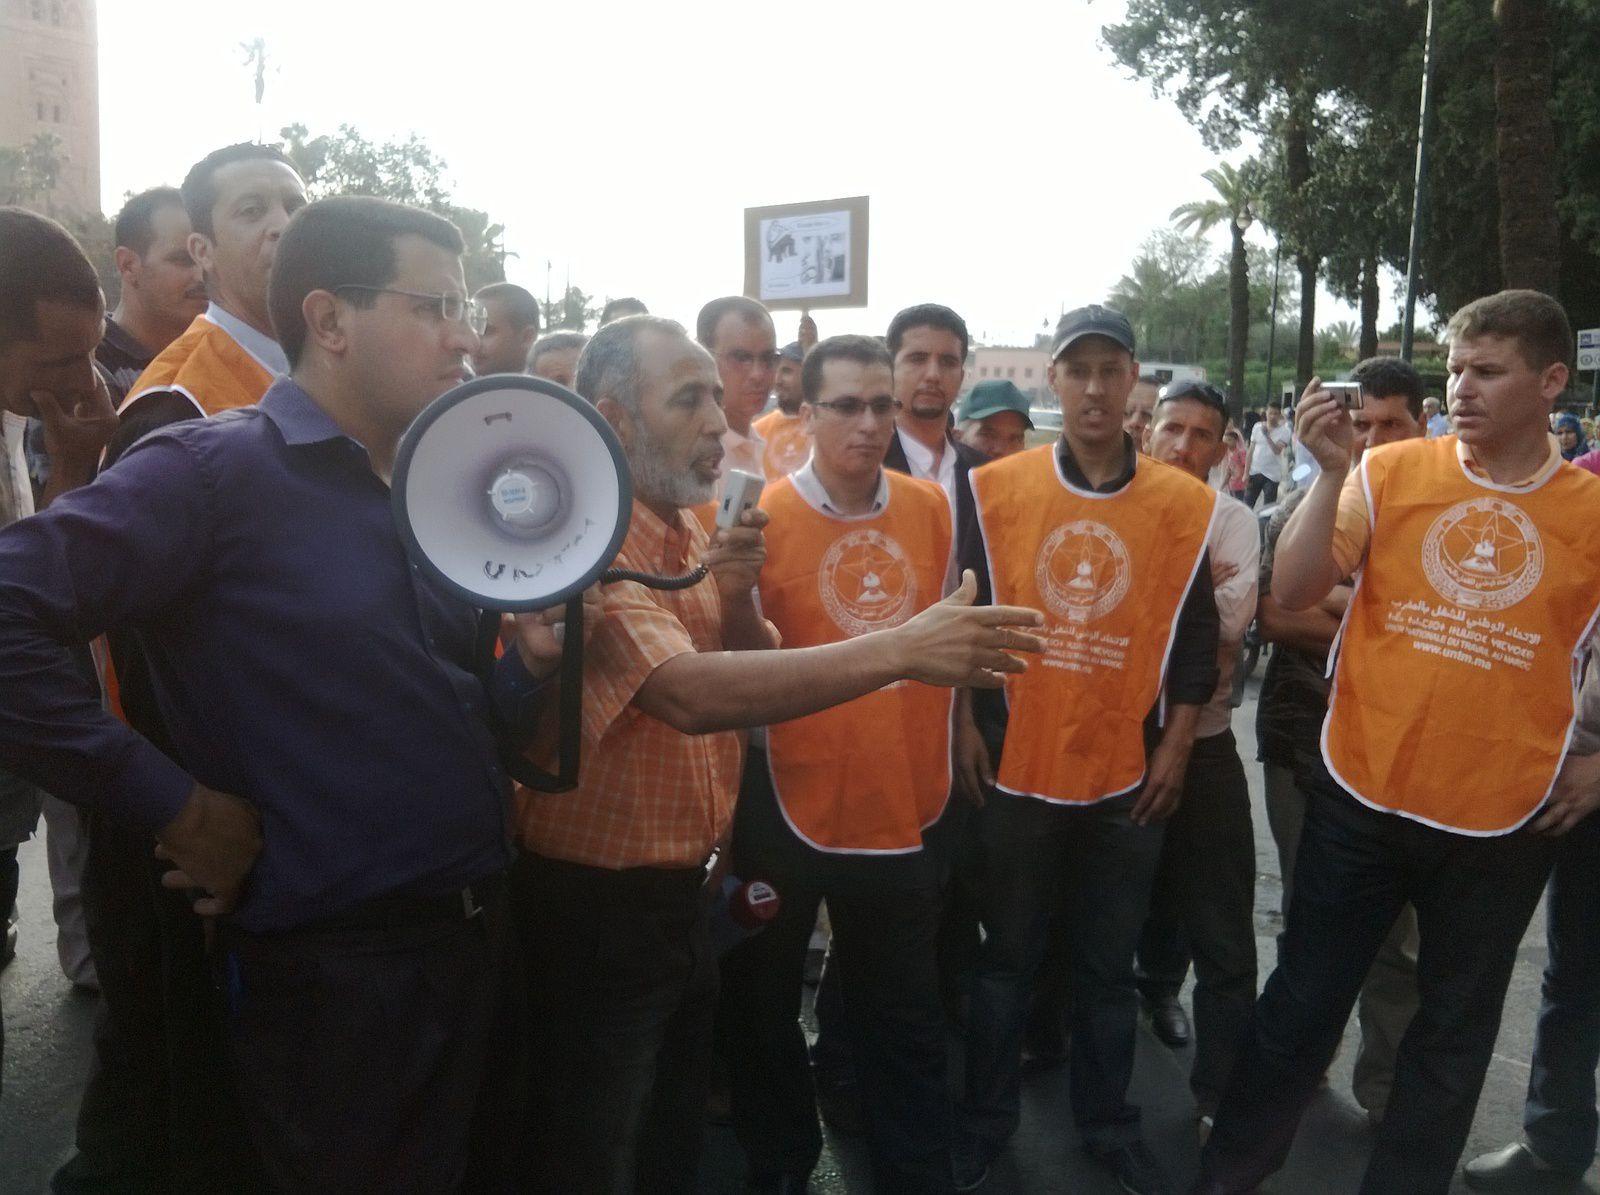 الوقفة الاحتجاجية التي نظمها المكتب النقابي لشركة ألزا المنضوي تحت لواء الاتحاد الوطني للشغل بالمغرب. يوم الأربعاء 4 يونيو 2014